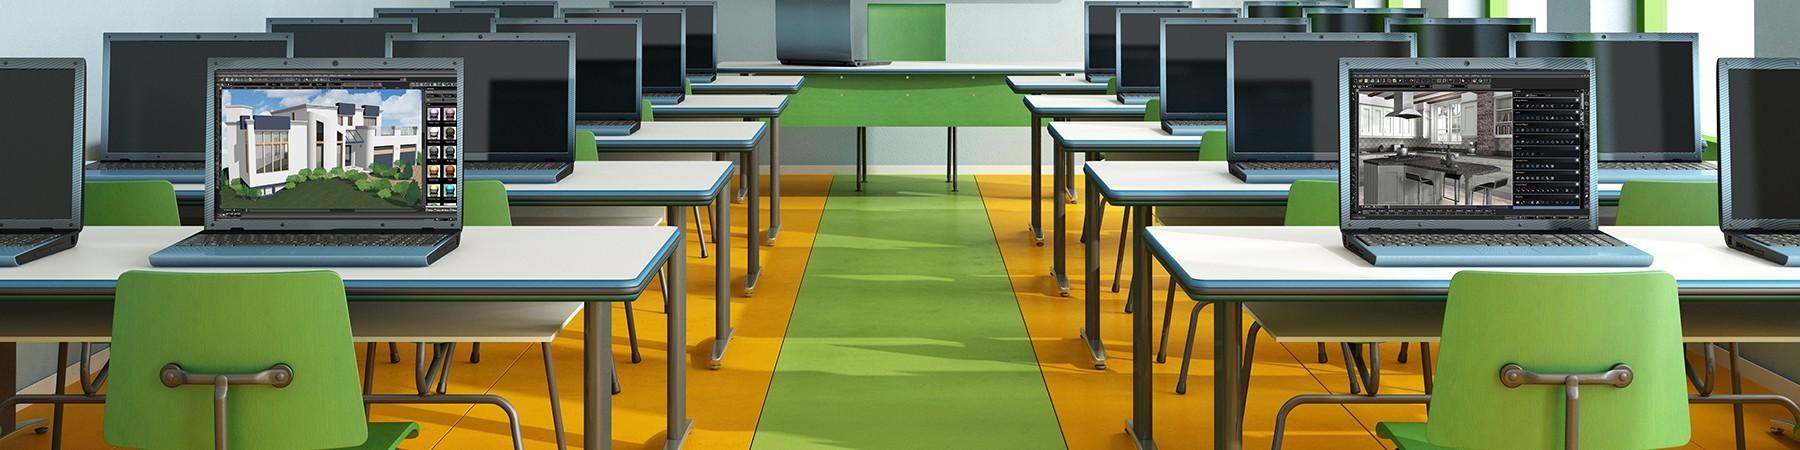 Nội thất, bàn ghế dùng cho Lớp học,trường học,thư viện,hội trường